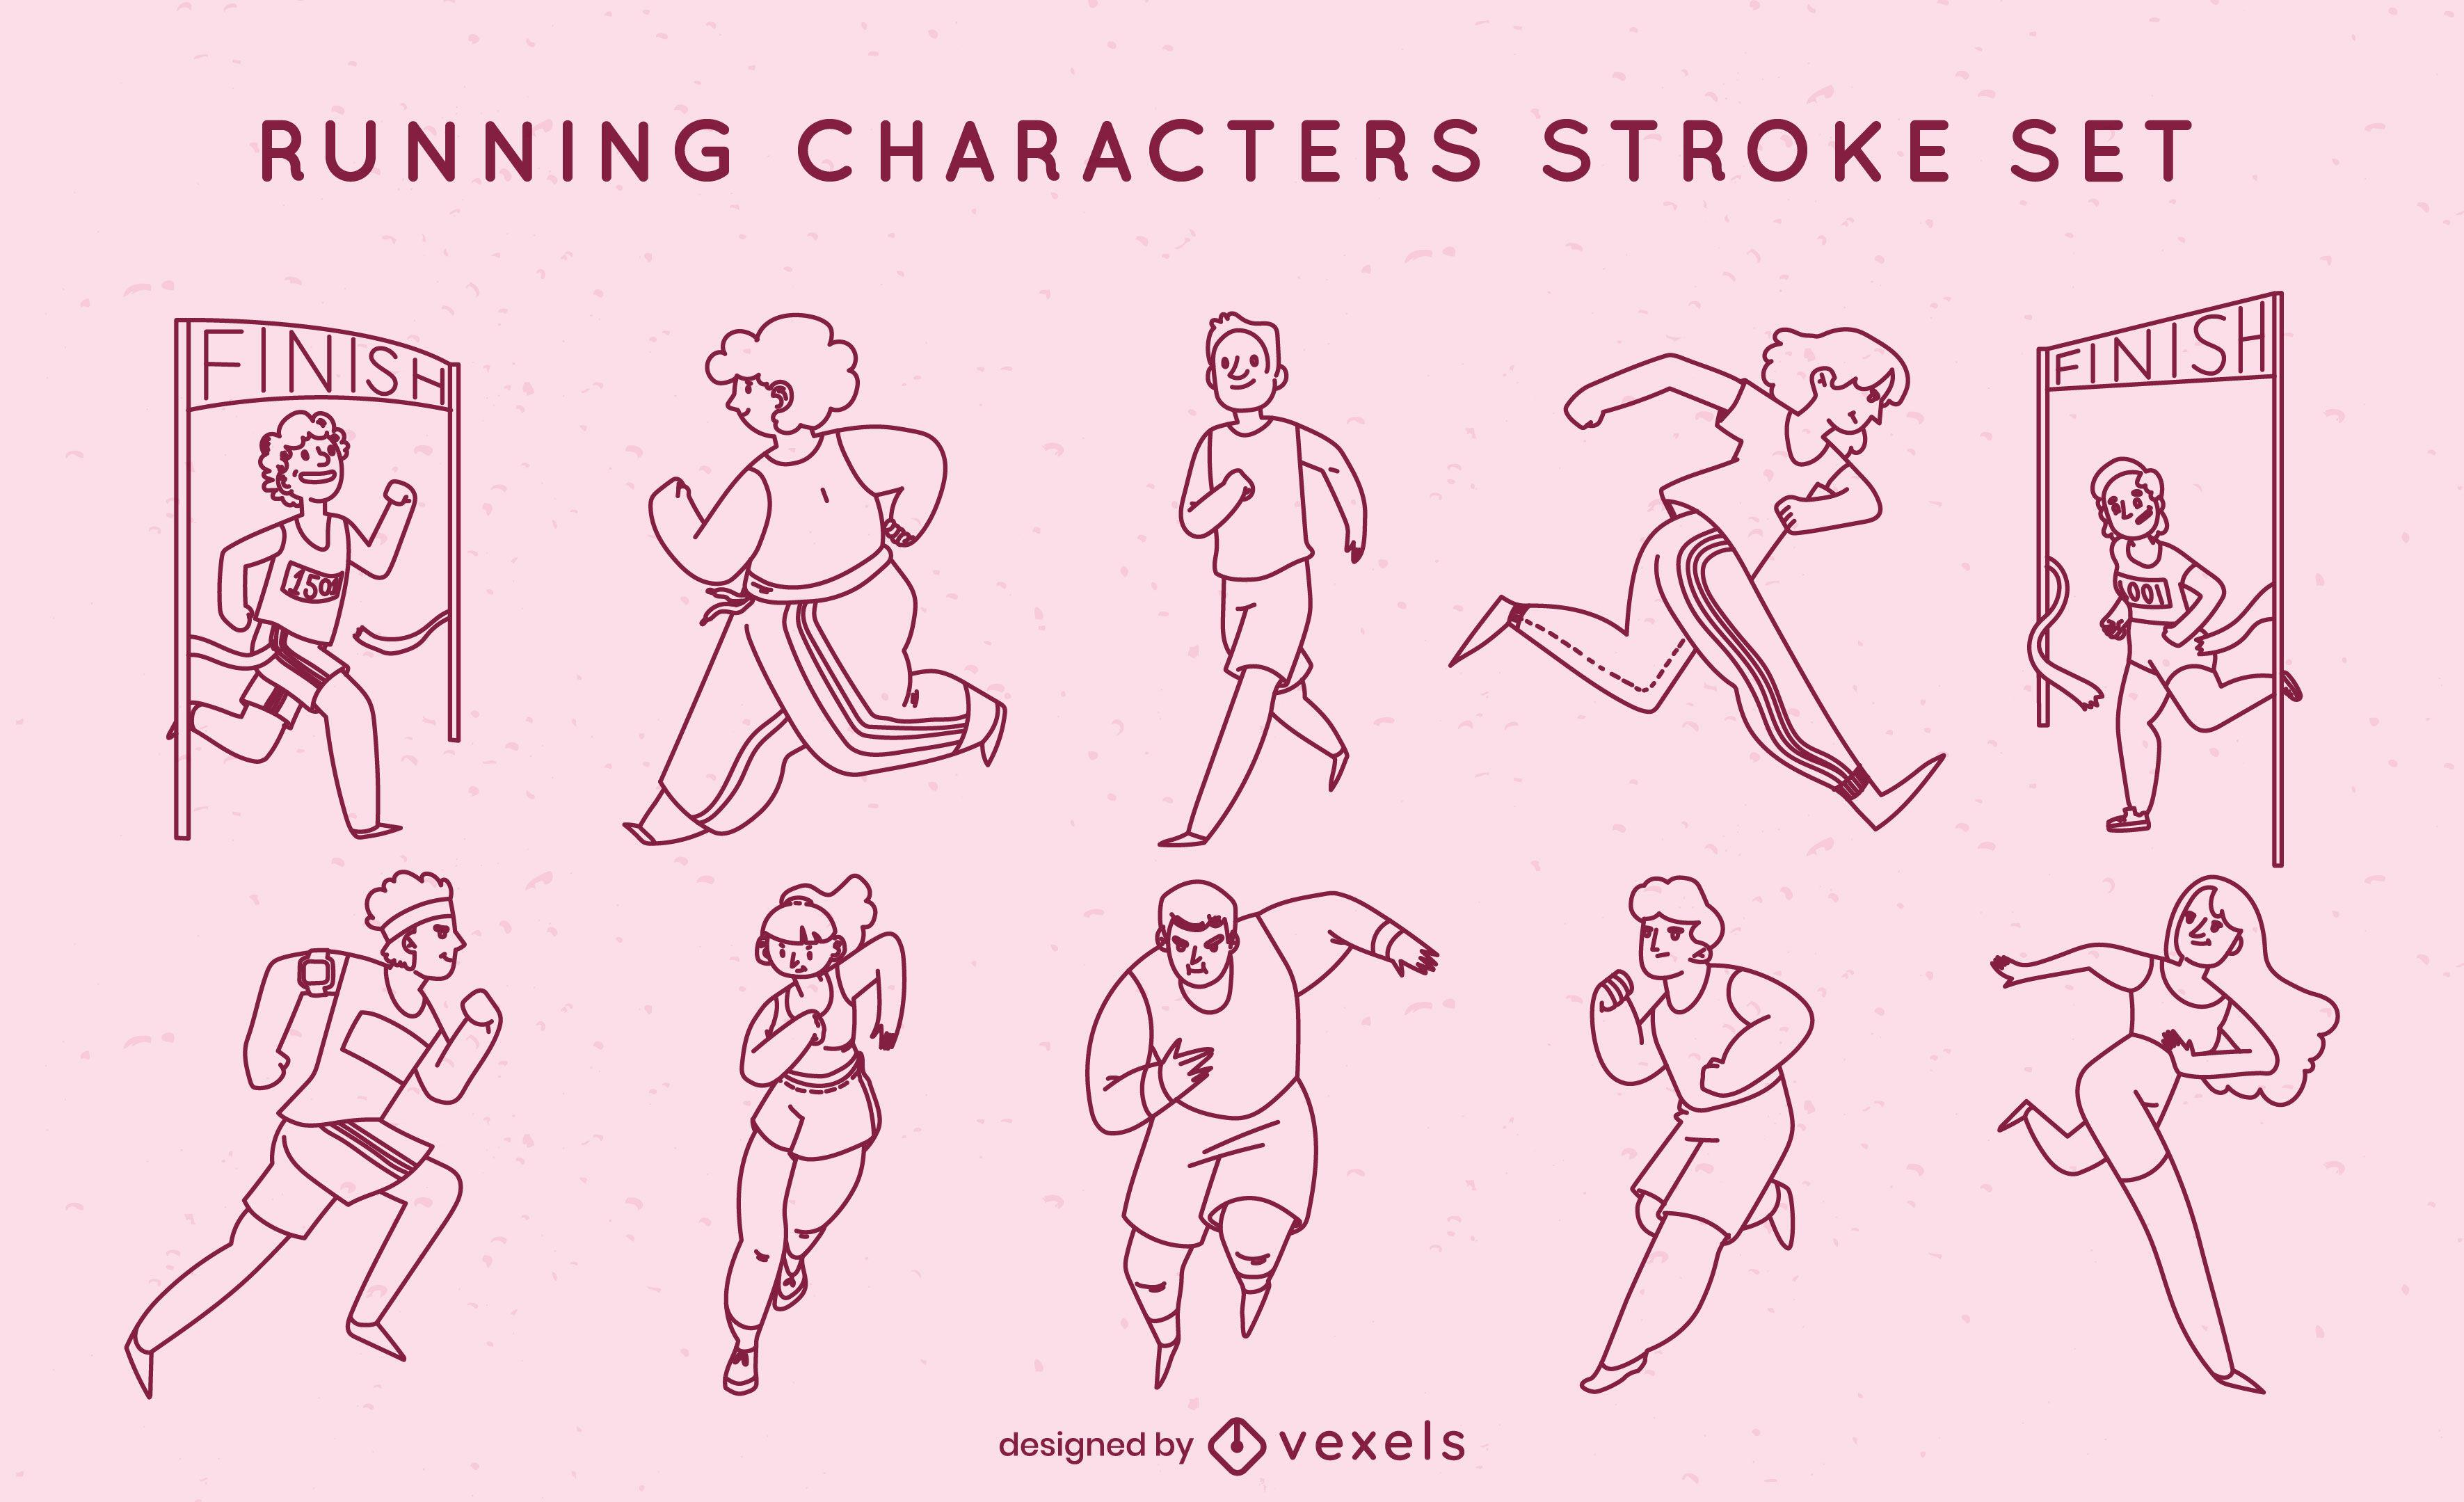 Gente corriendo conjunto de caracteres de trazo de pista